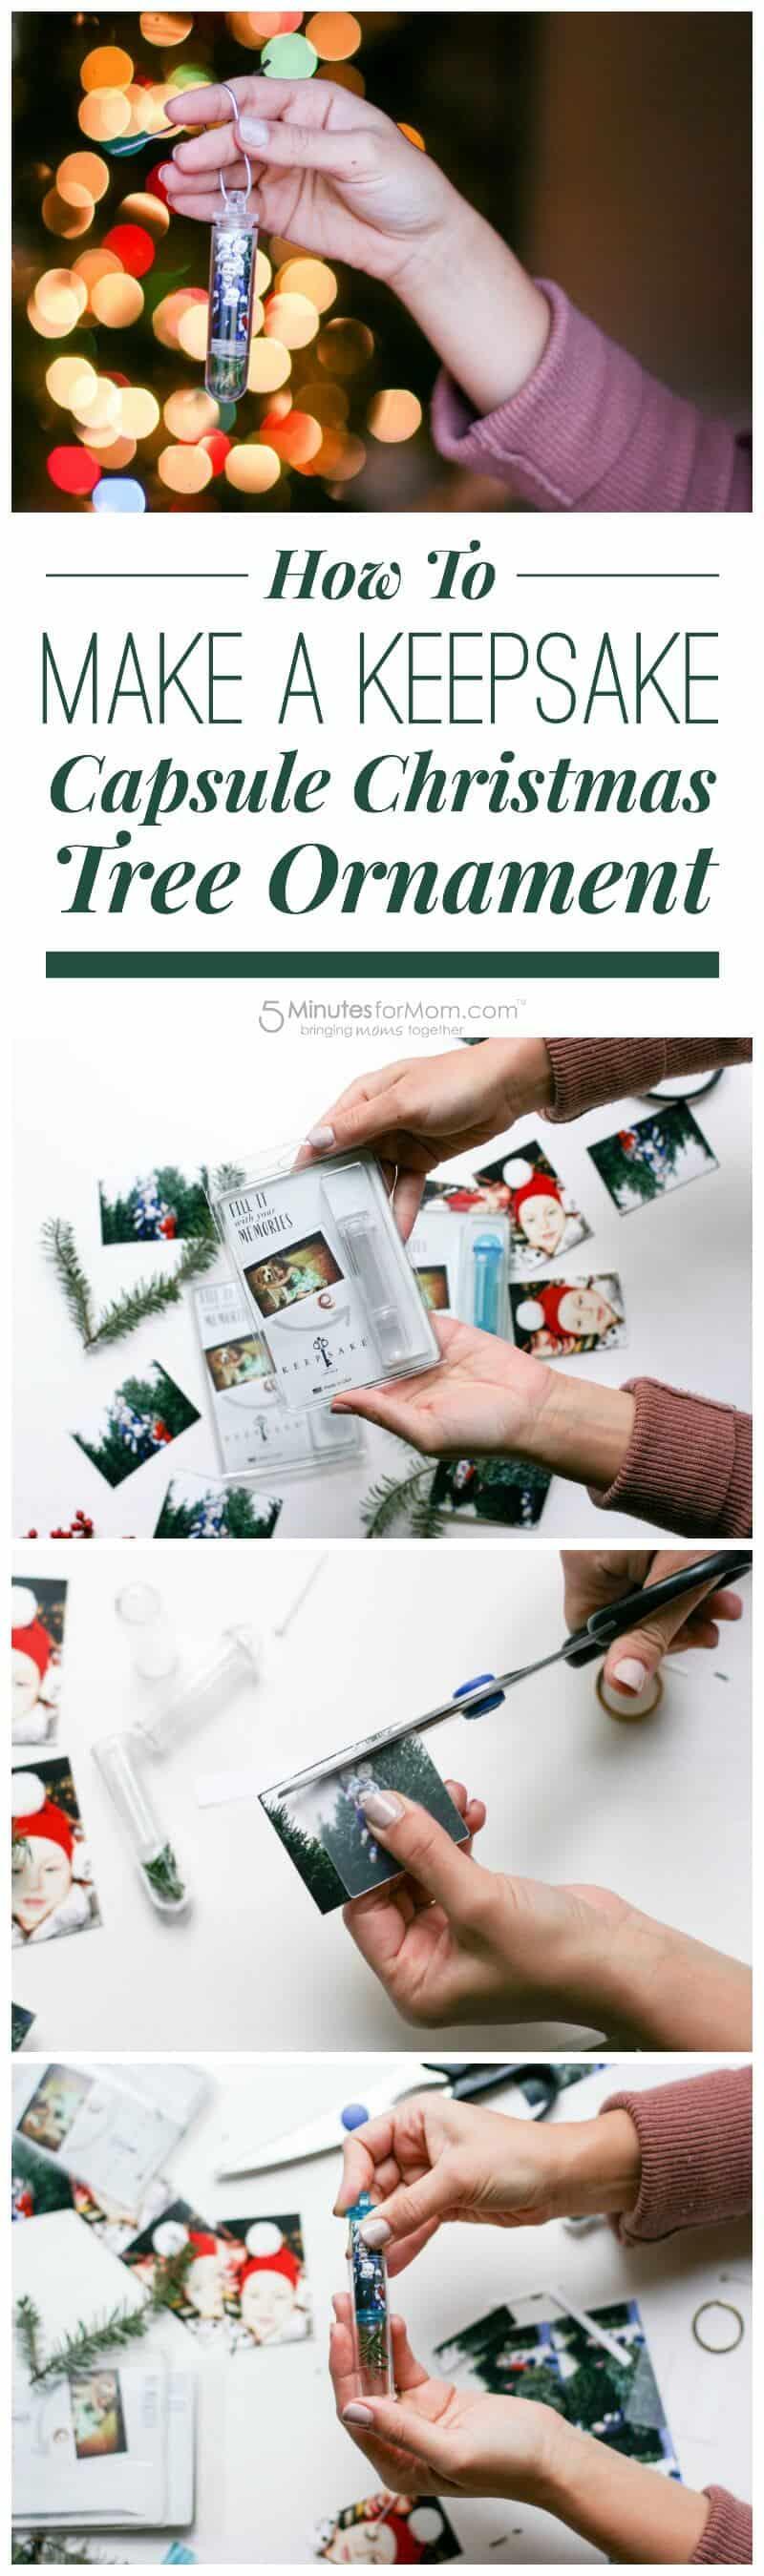 How To Make a Keepsake Capsule Christmas Tree Ornament